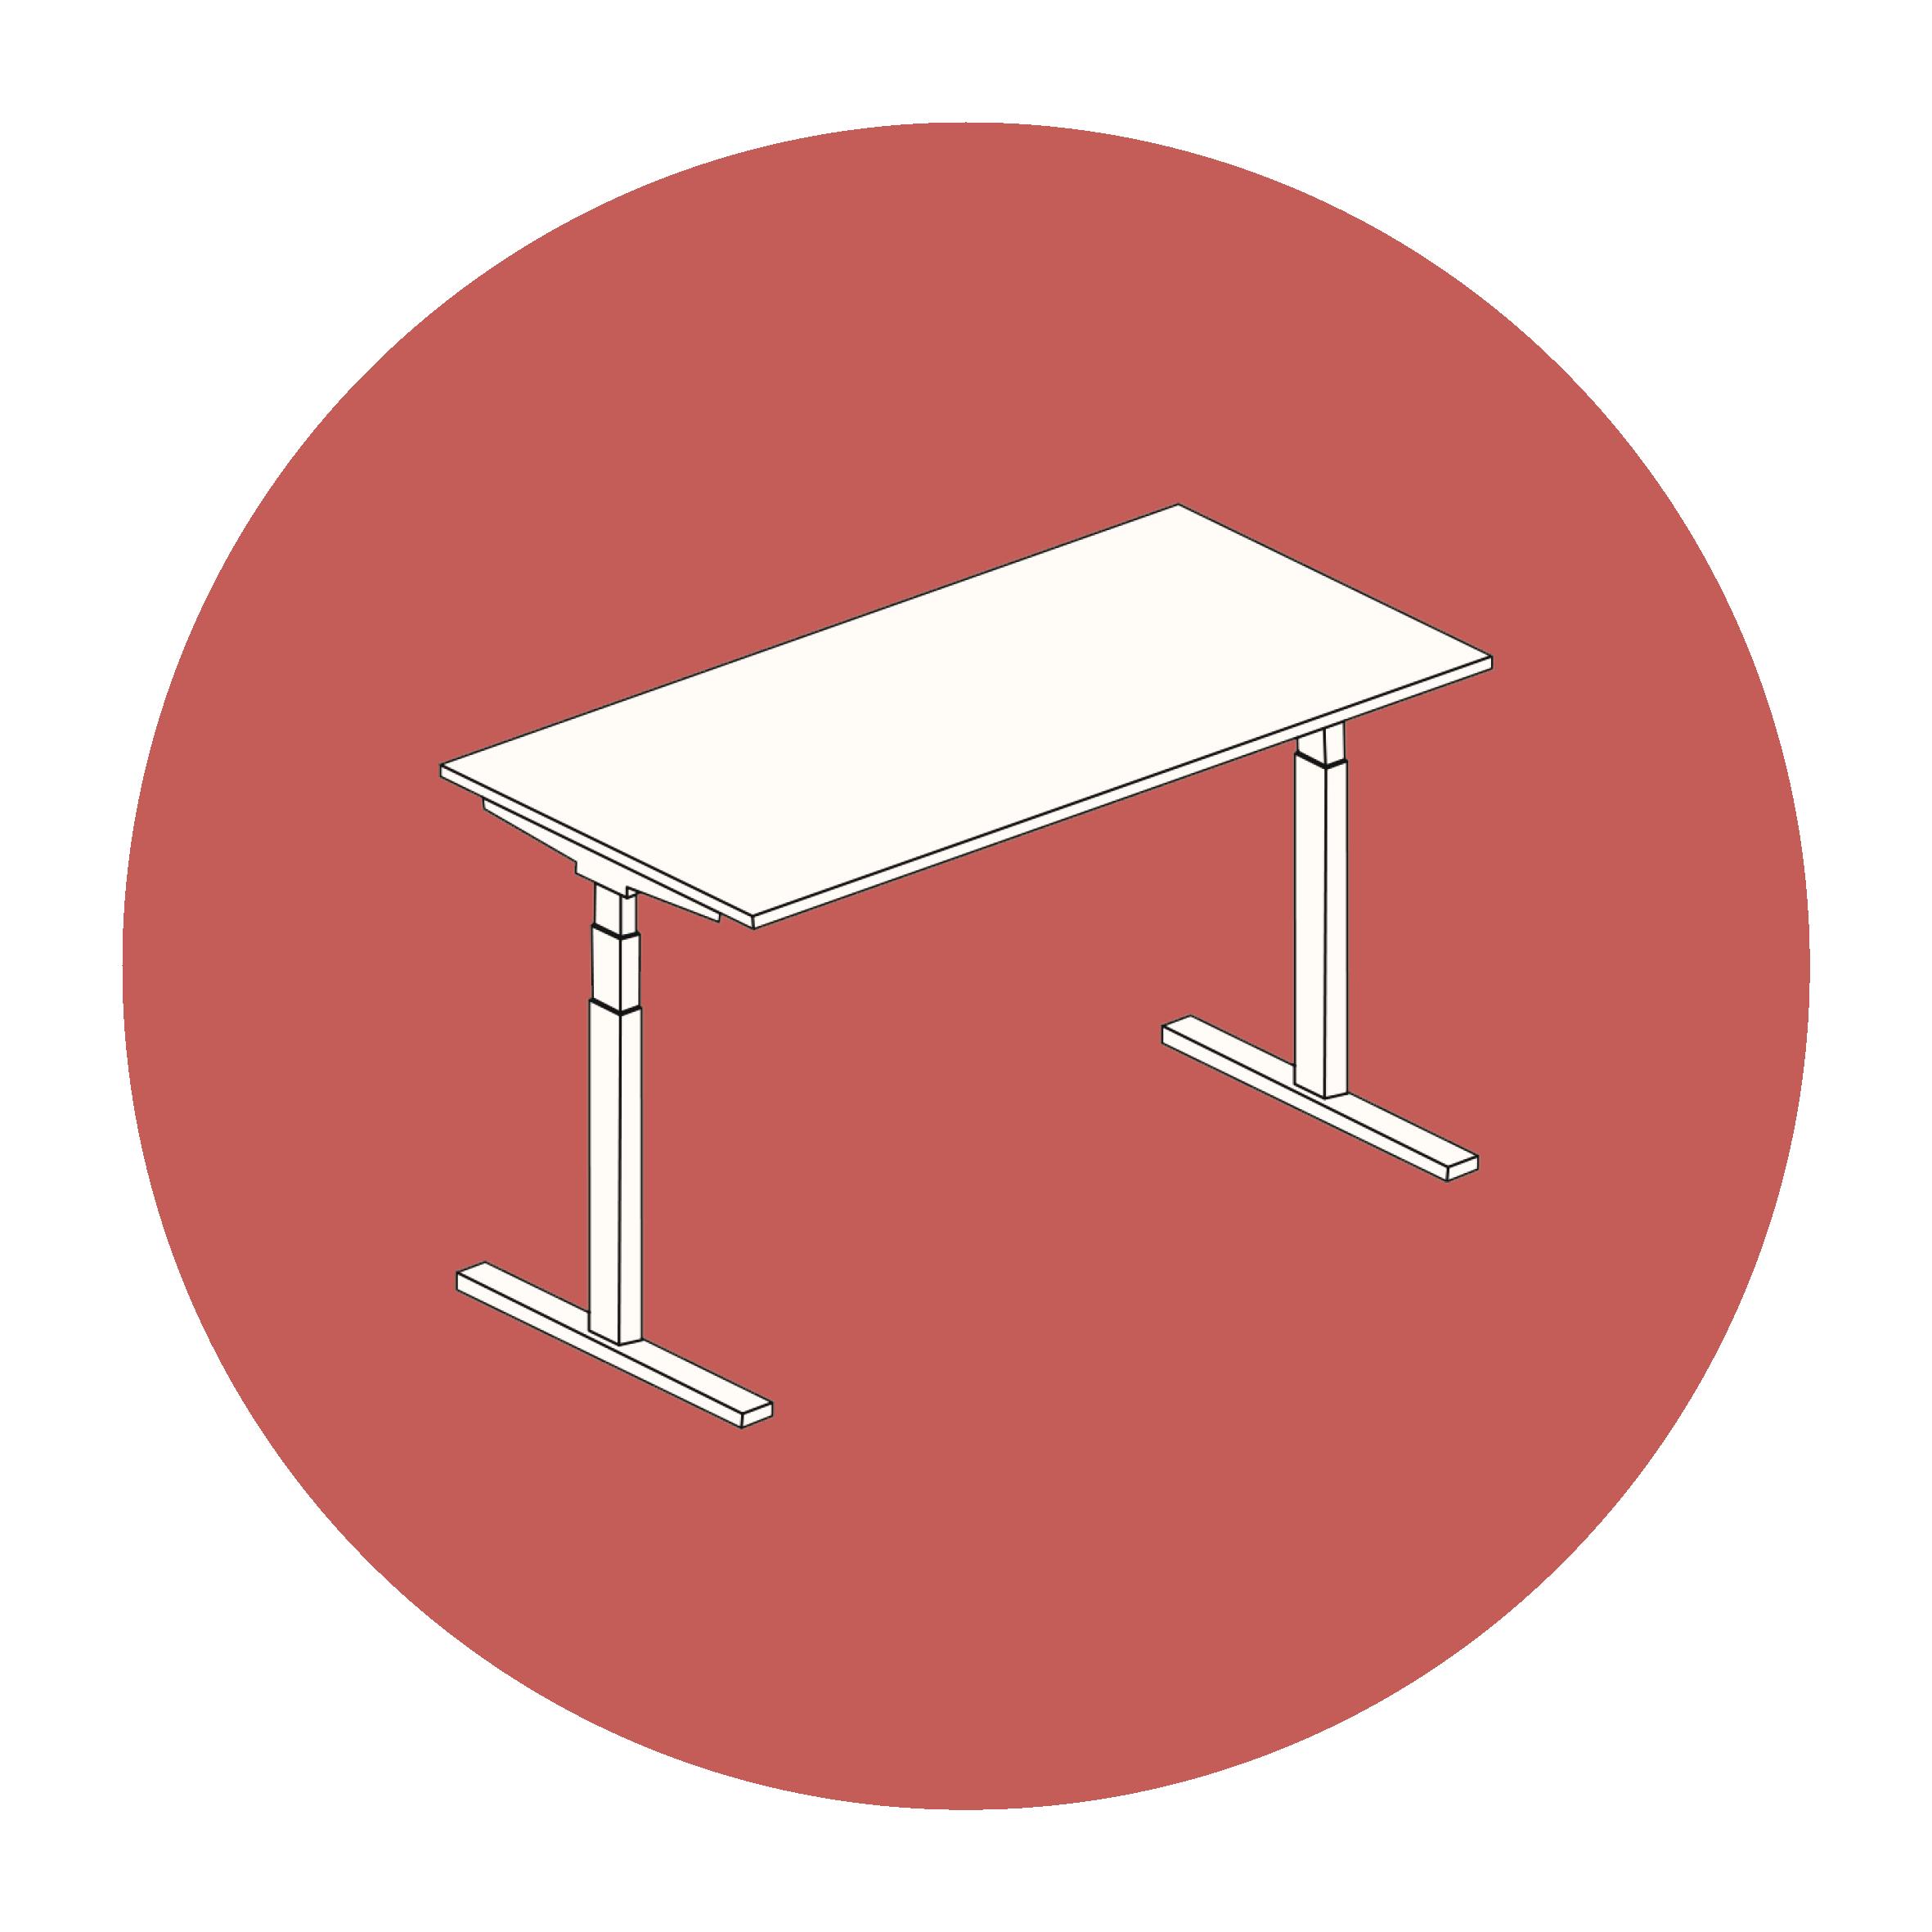 Sit-standing desks